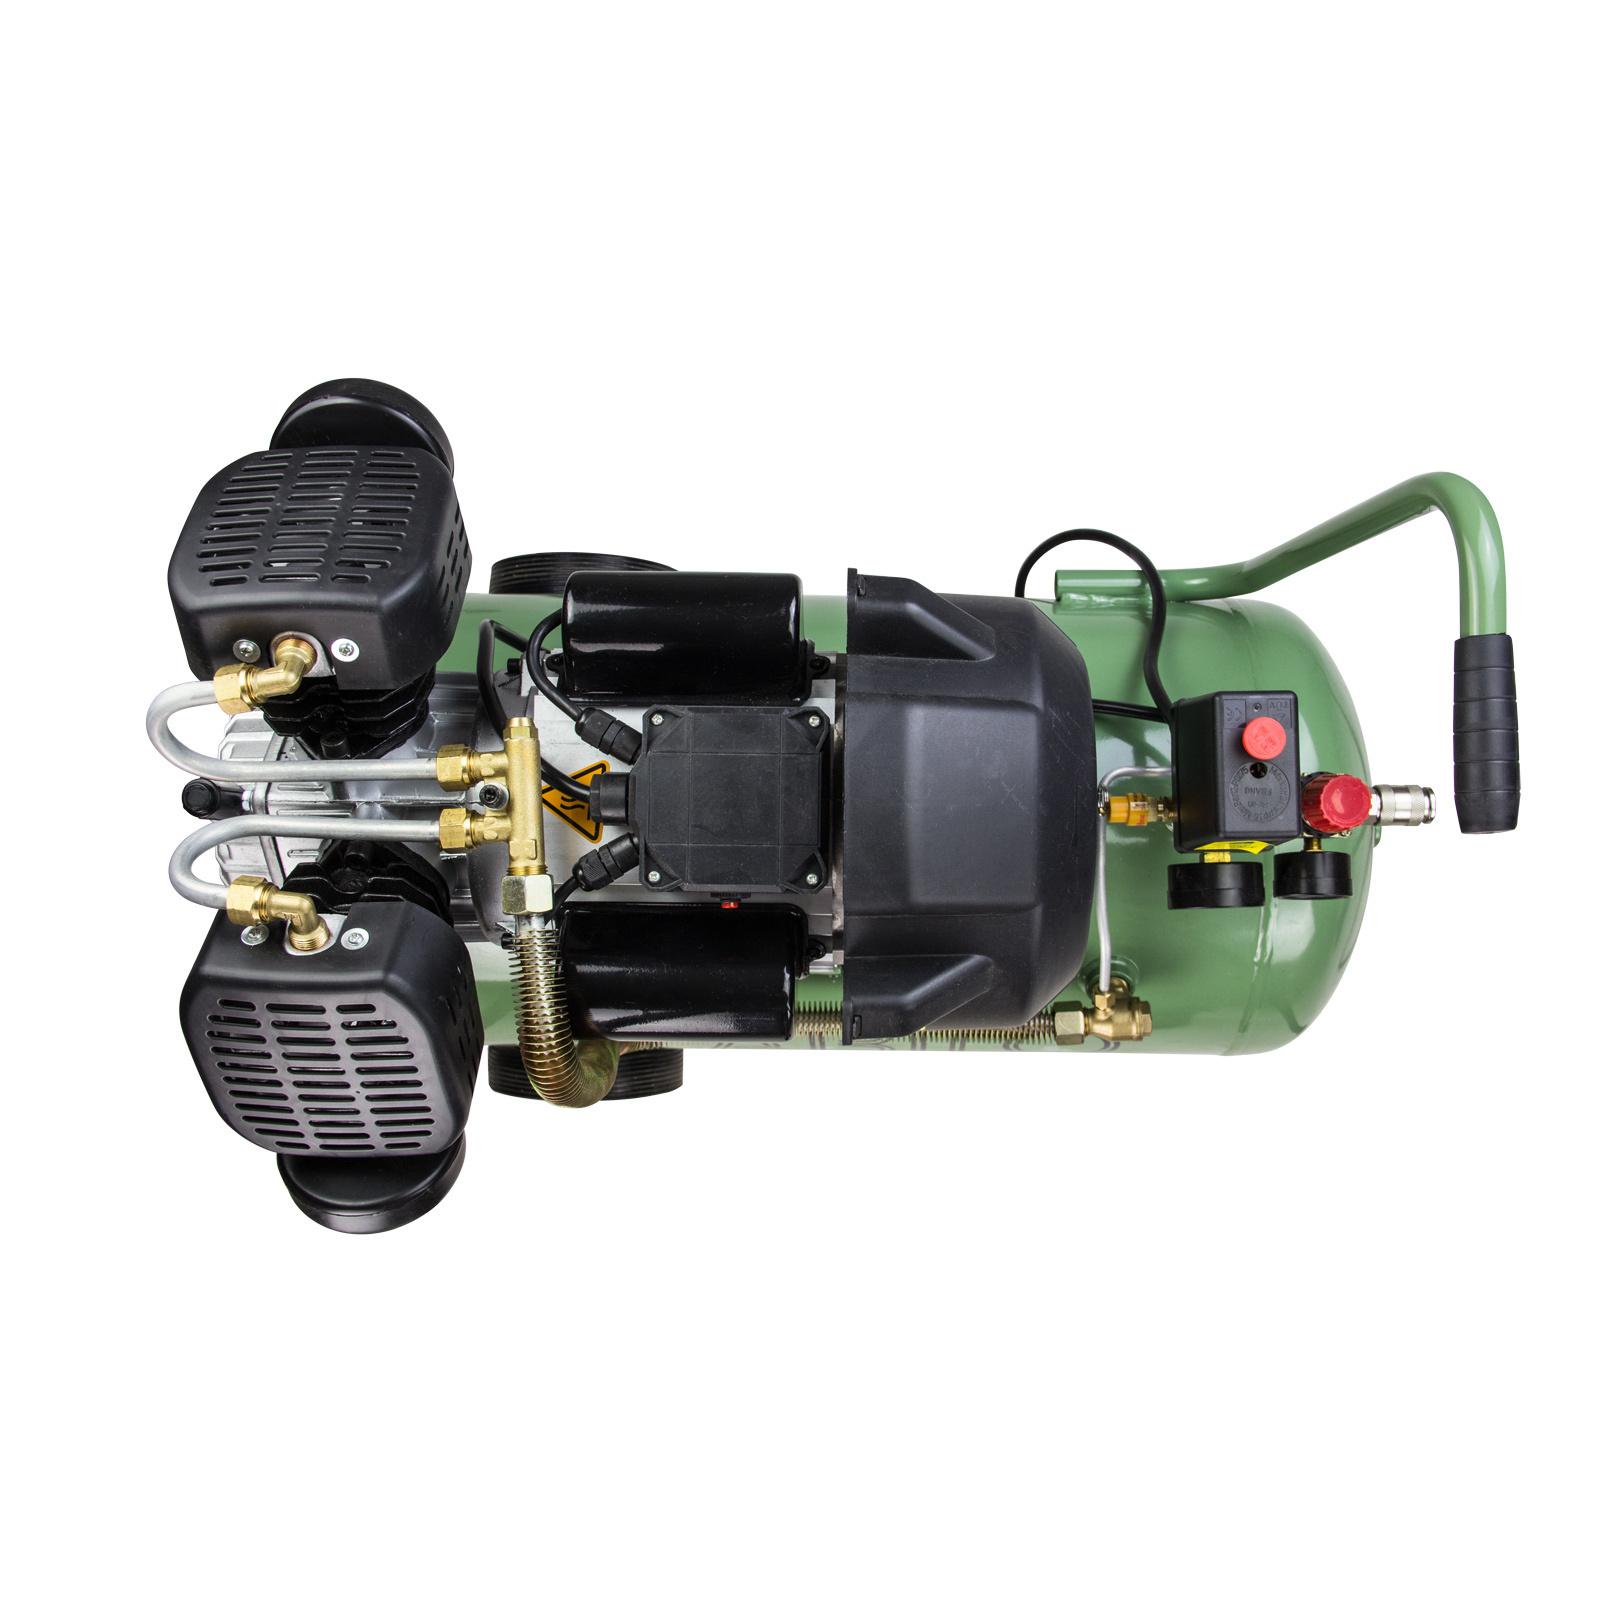 druckluft kompressor druckluftkompressor 400 8 50 50 liter. Black Bedroom Furniture Sets. Home Design Ideas